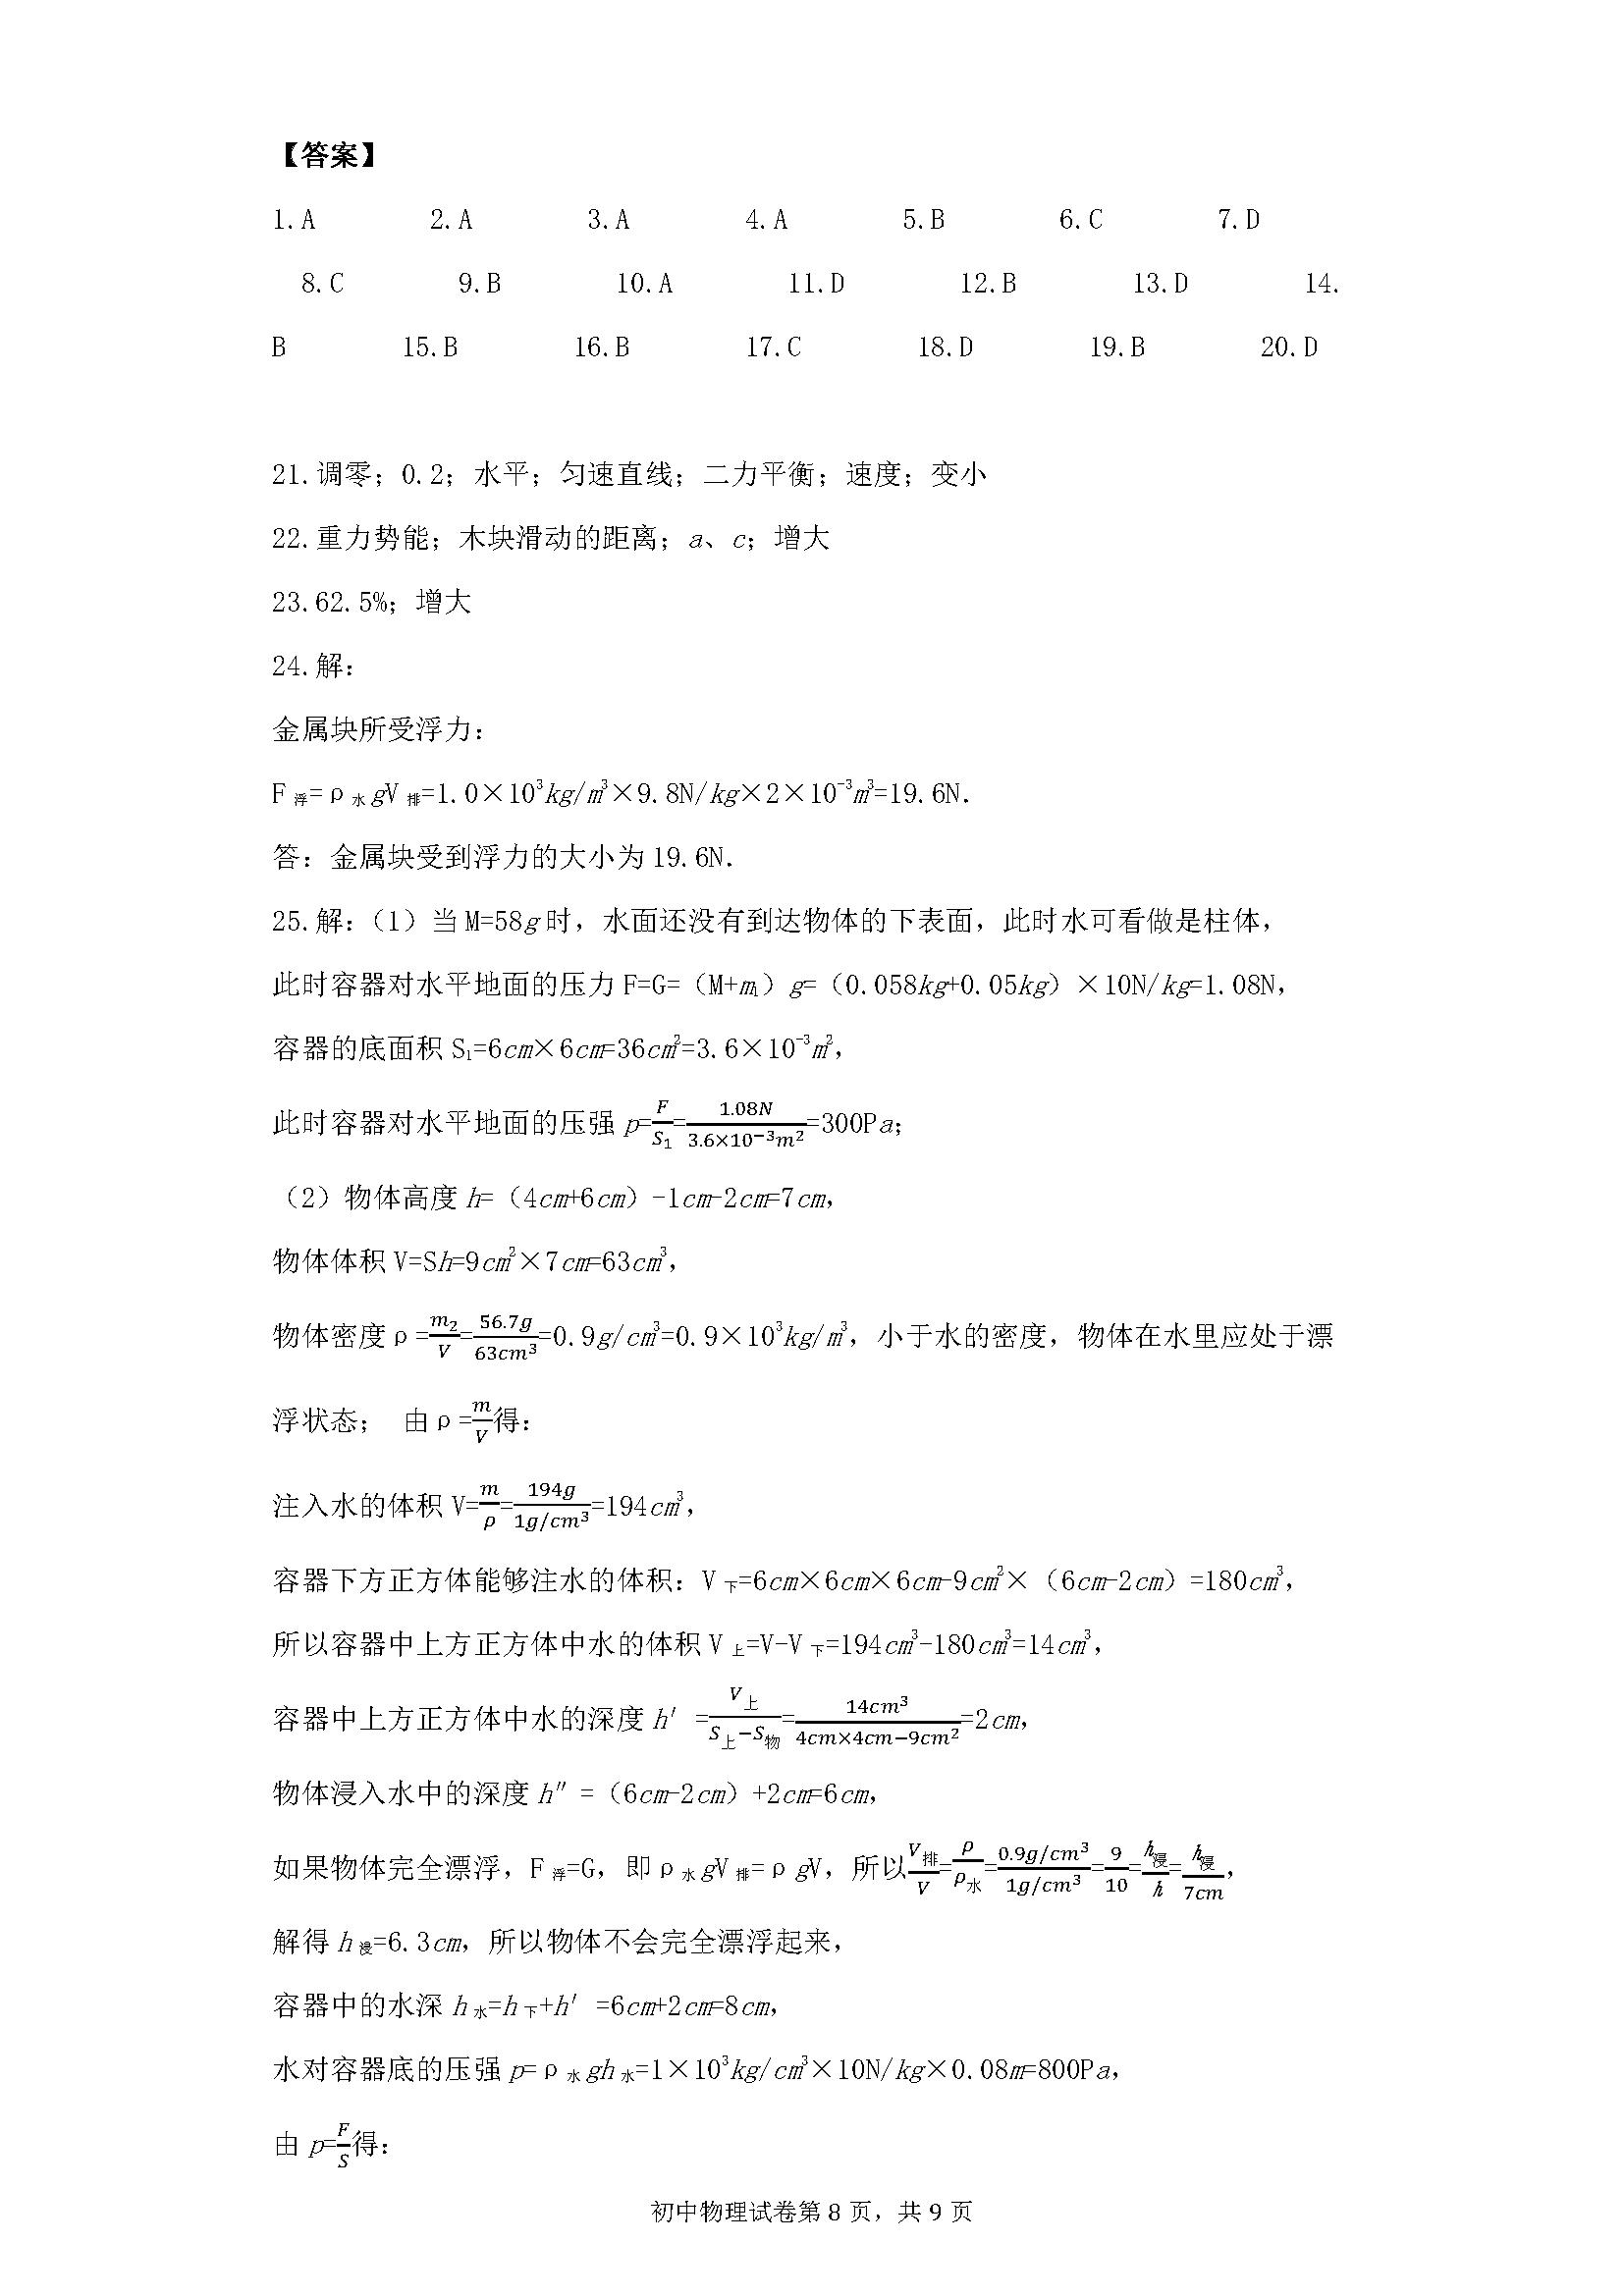 2017广东湛江大成中学初二下第五次月考物理试题答案(图片版)